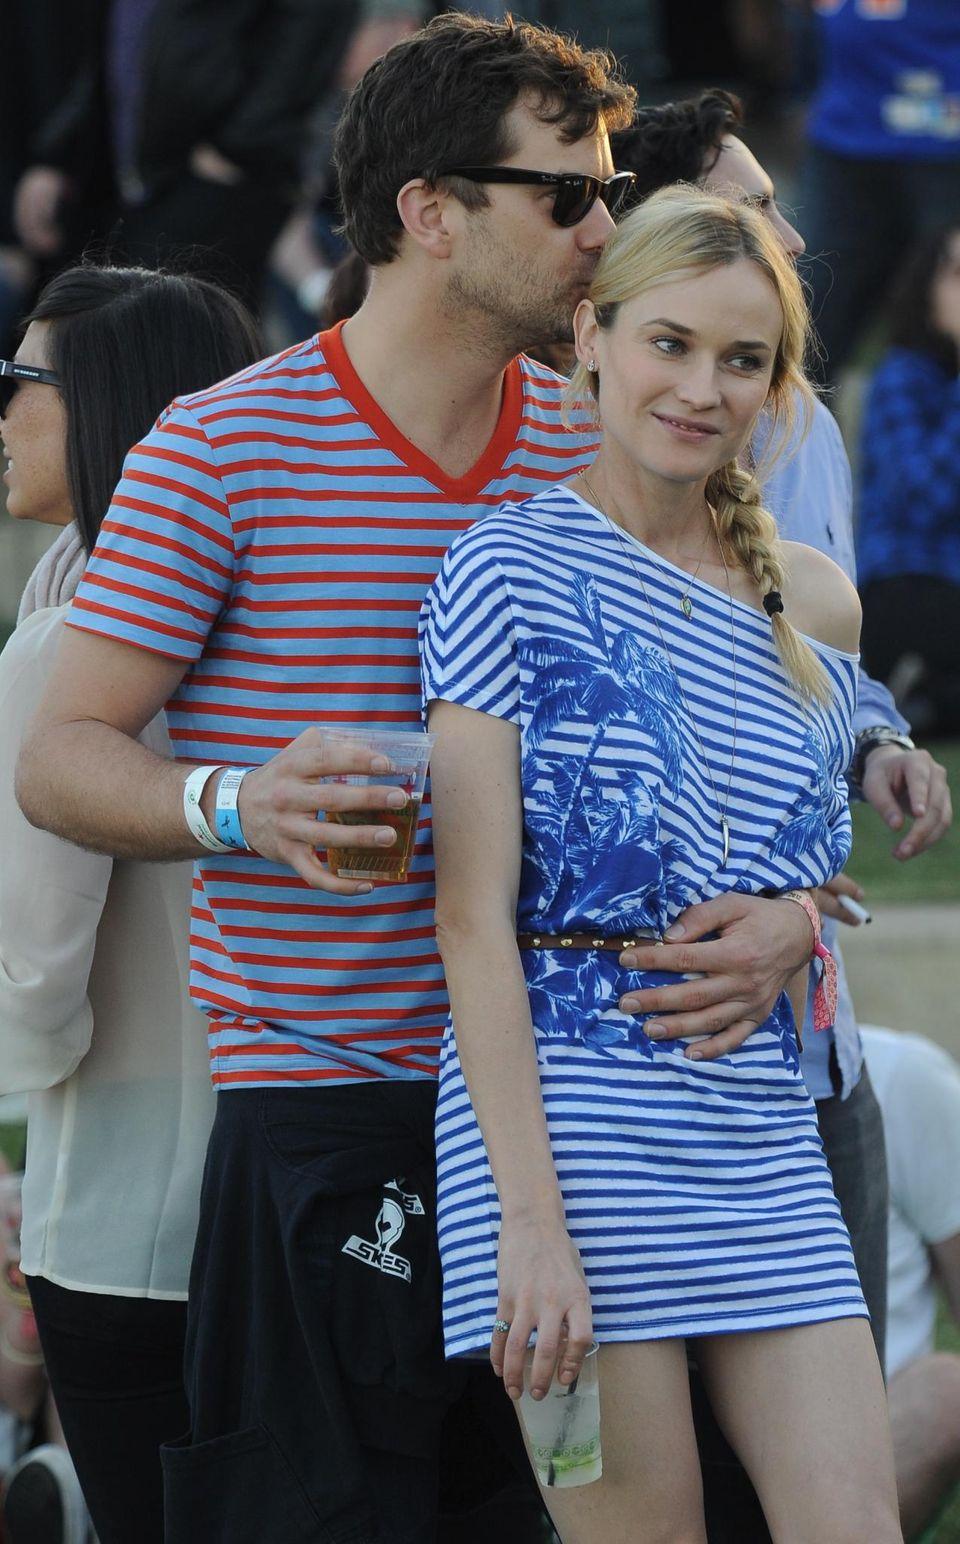 Endlich vereint: Diane Kruger ist bereits seit 2006 mit Schauspieler Joshua Jackson liiert - aber die beiden haben noch nie zusammengewohnt.